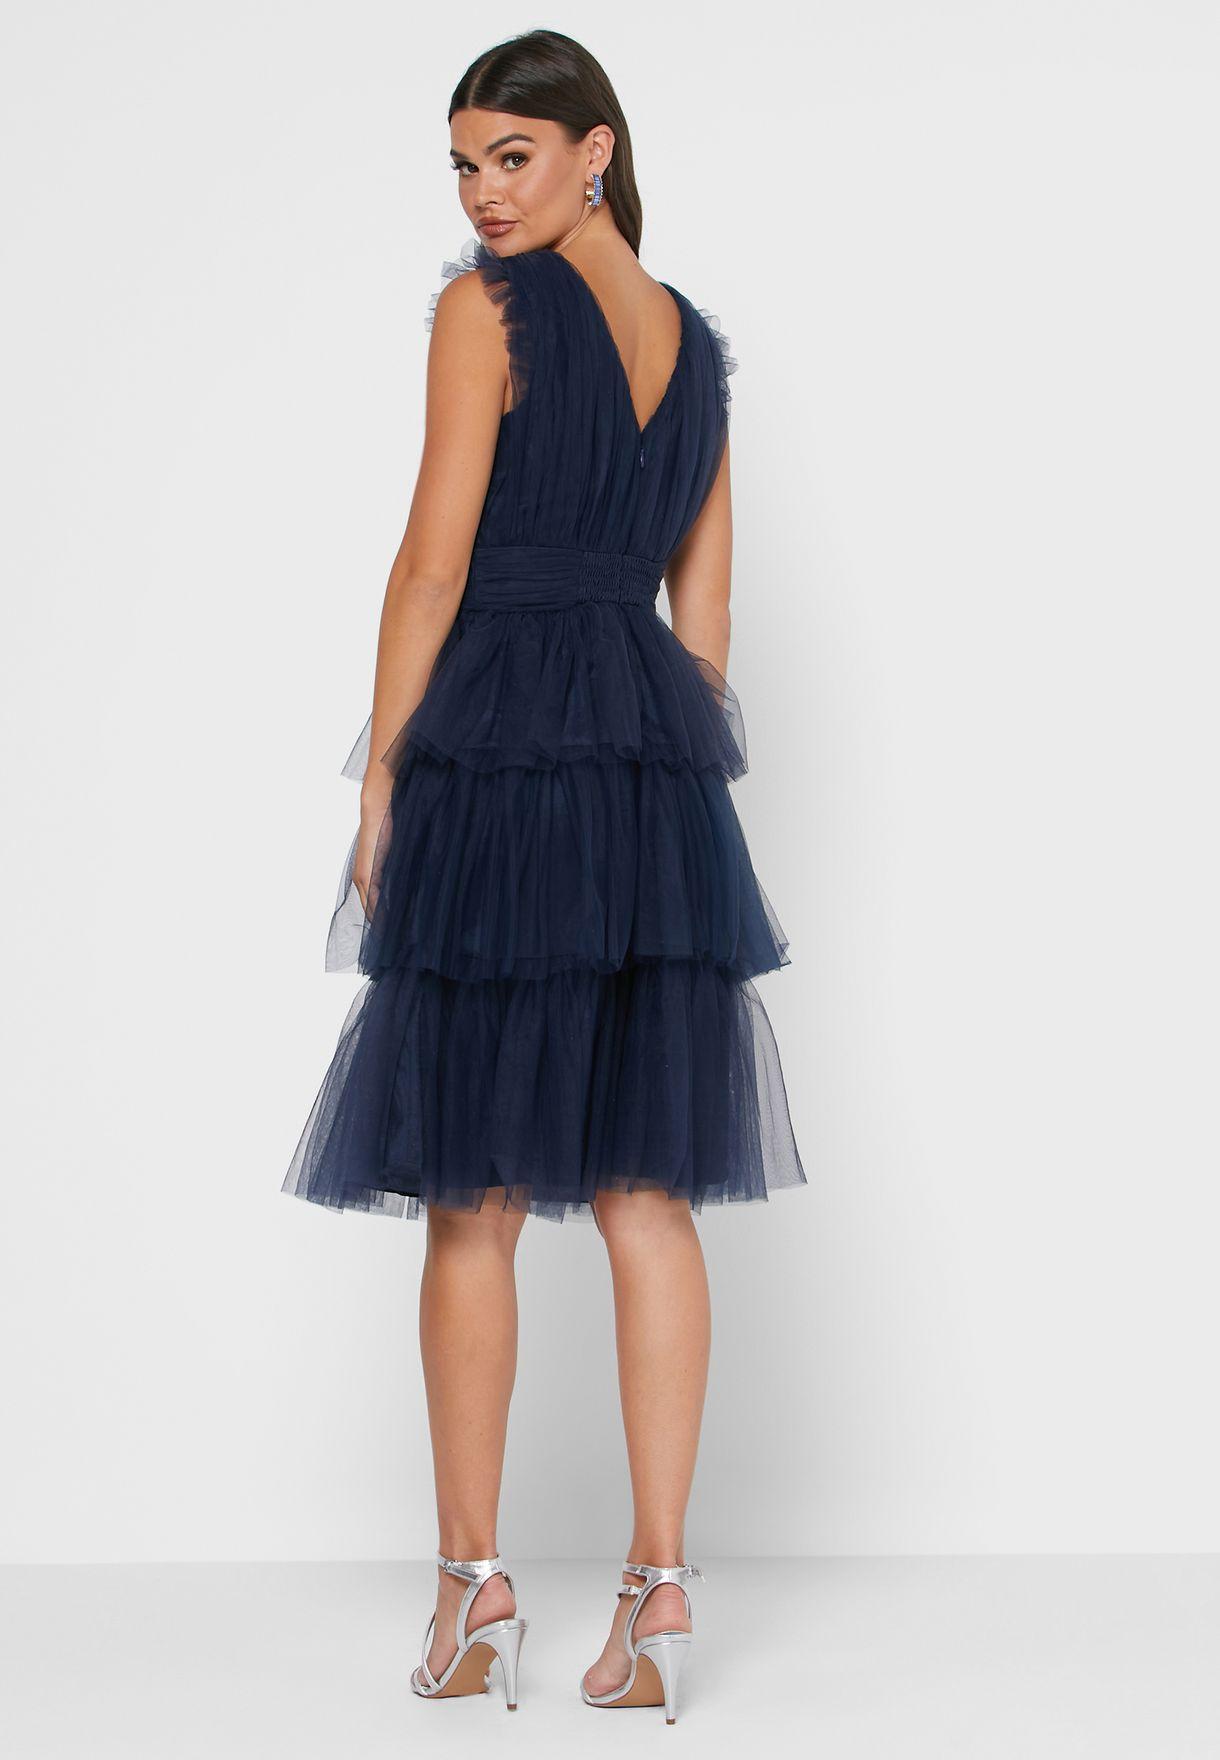 Zella Layered Shift Dress